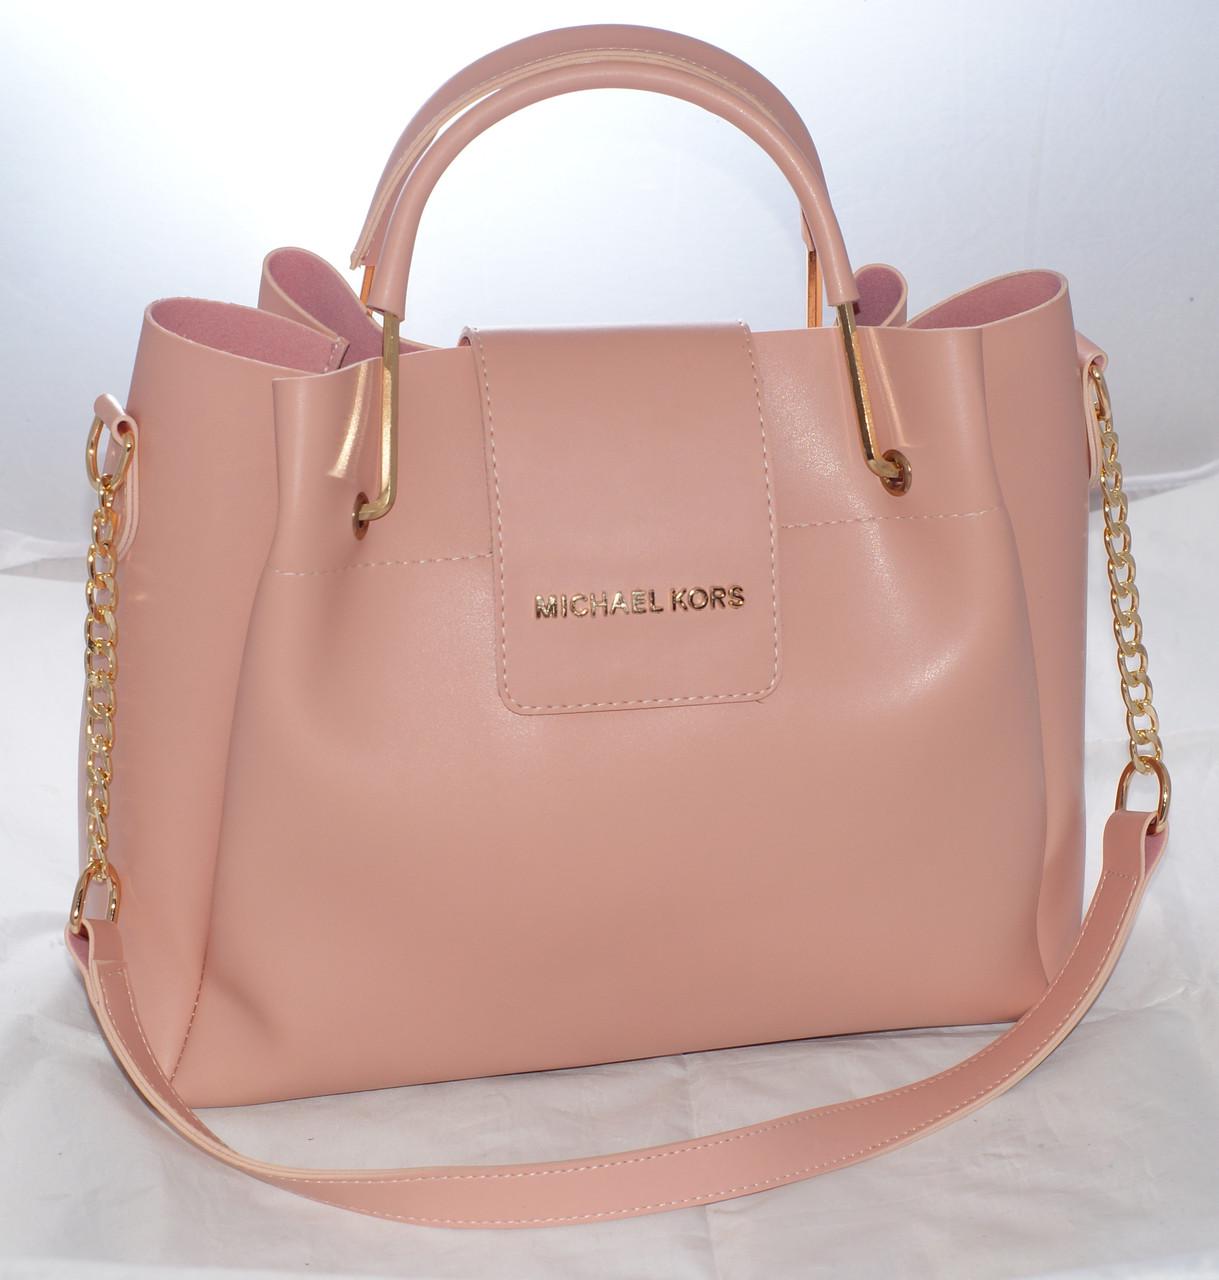 Женская сумкаMichael Kors (Майкл Корс), розовая